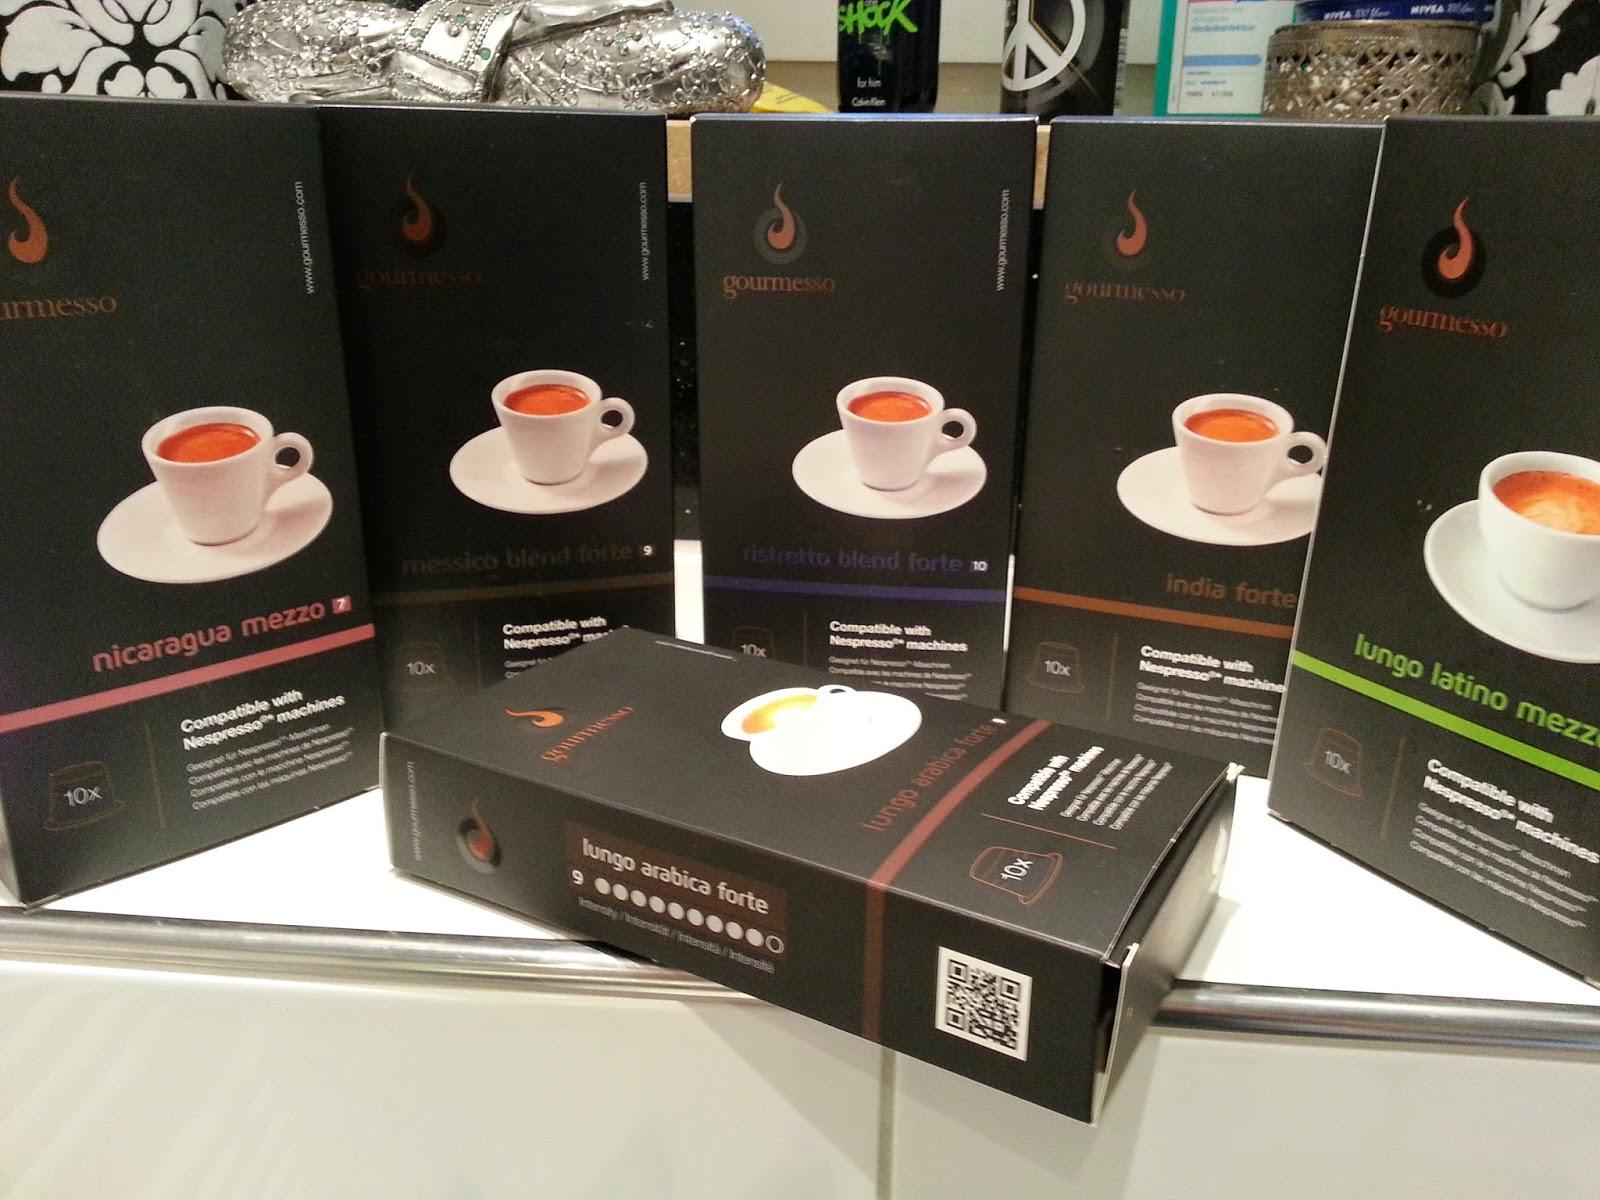 gourmesso kaffee alternative zu nespresso gewinnt hier. Black Bedroom Furniture Sets. Home Design Ideas